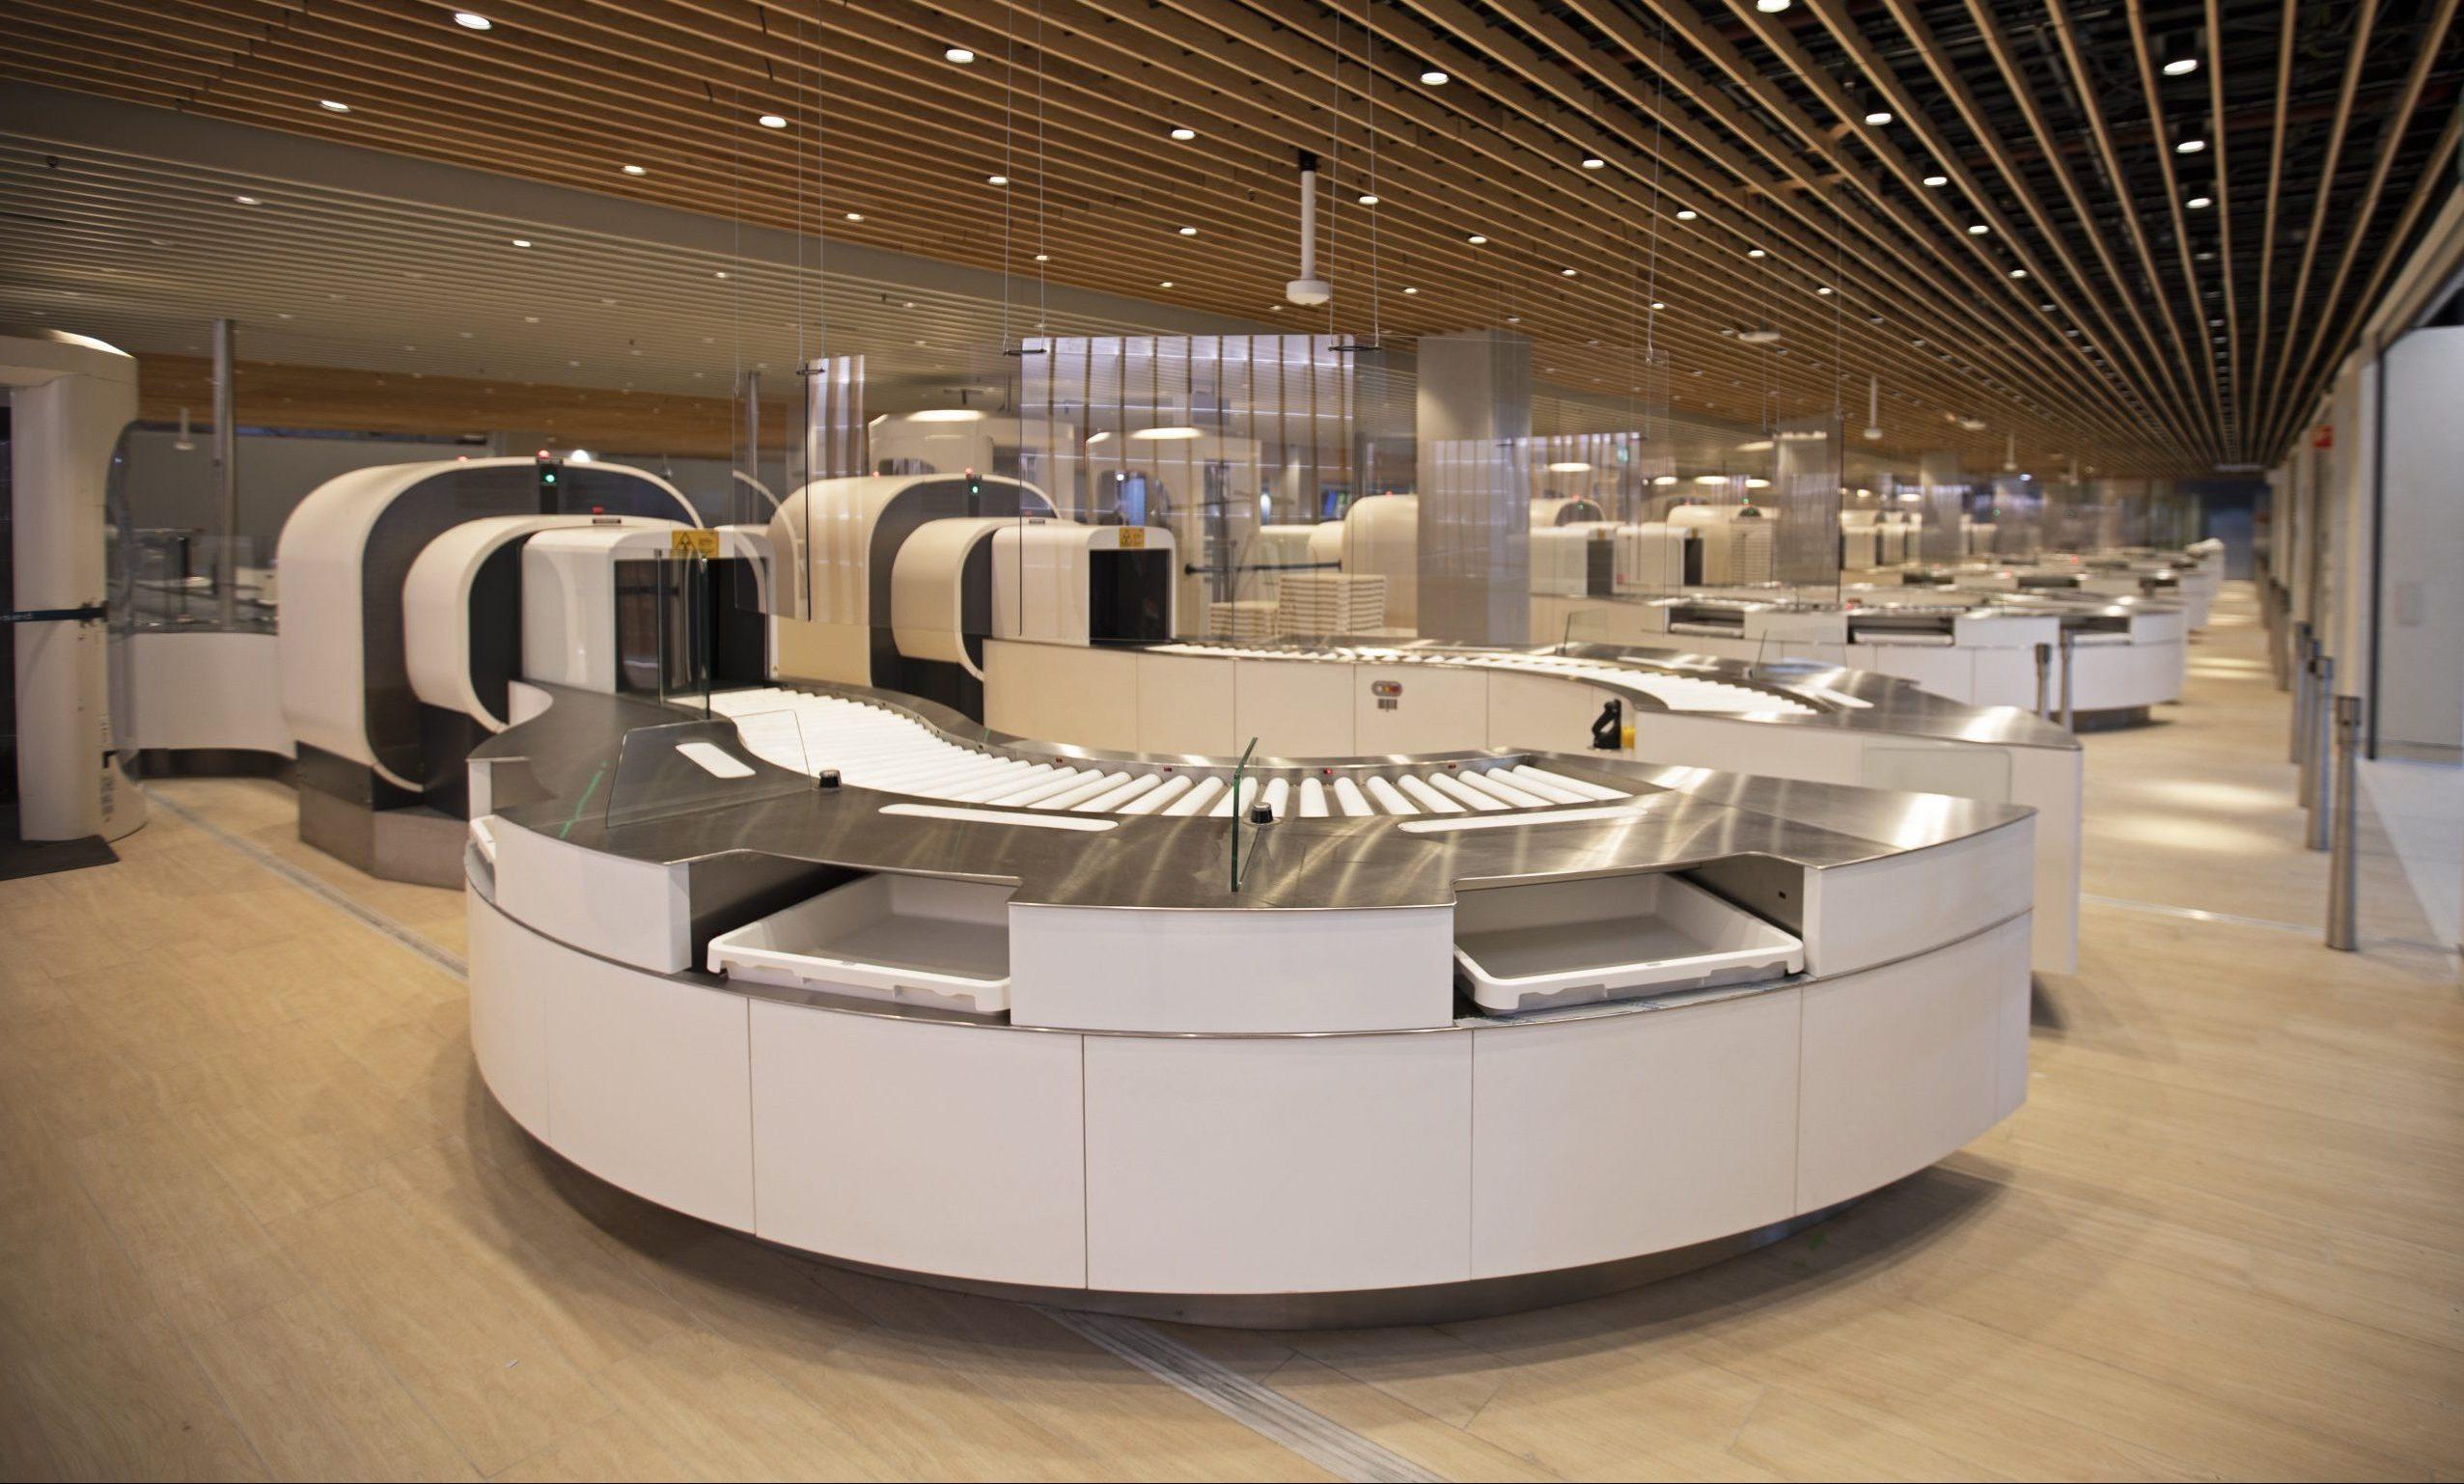 Sikkerhedskontrollen med de nye CT-scannere i Amsterdam Schiphol. Foto: Amsterdam Schiphol